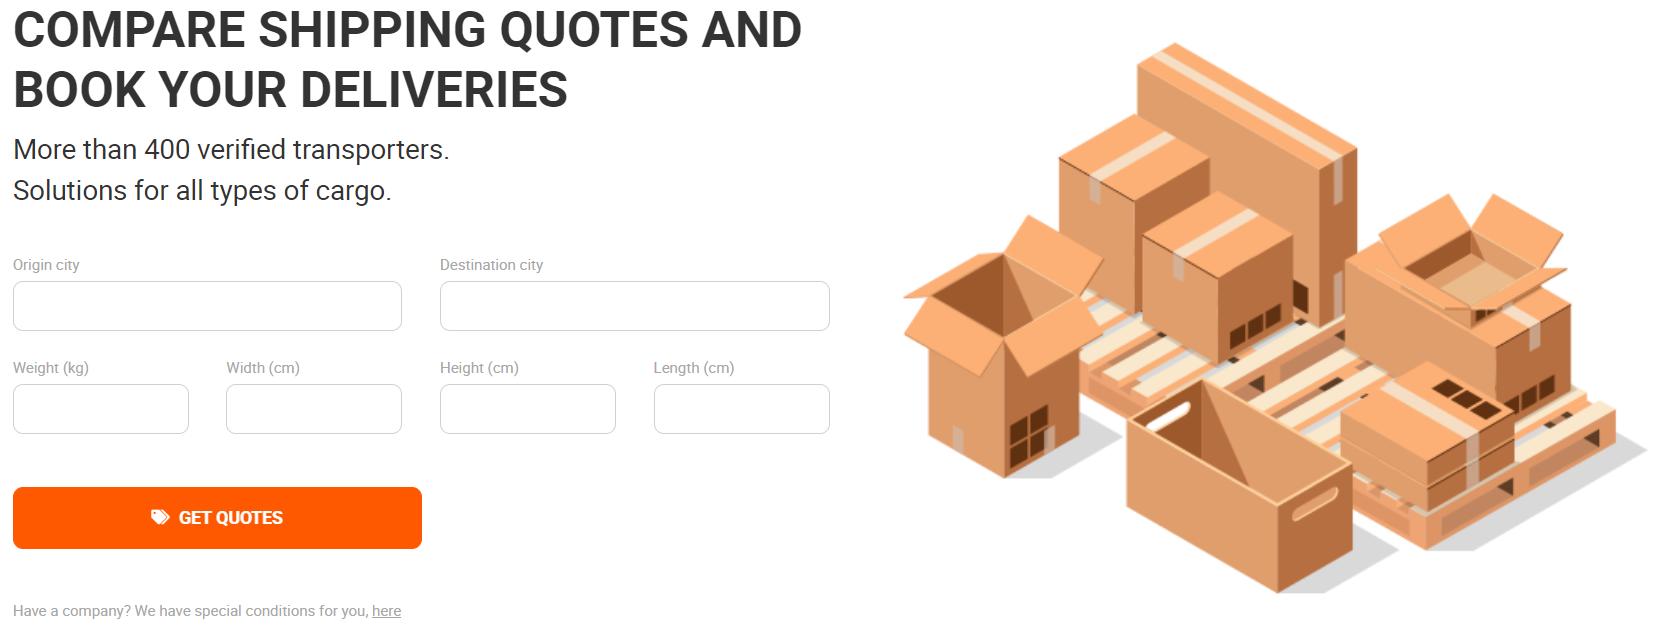 MUB-Cargo-compare-shipping